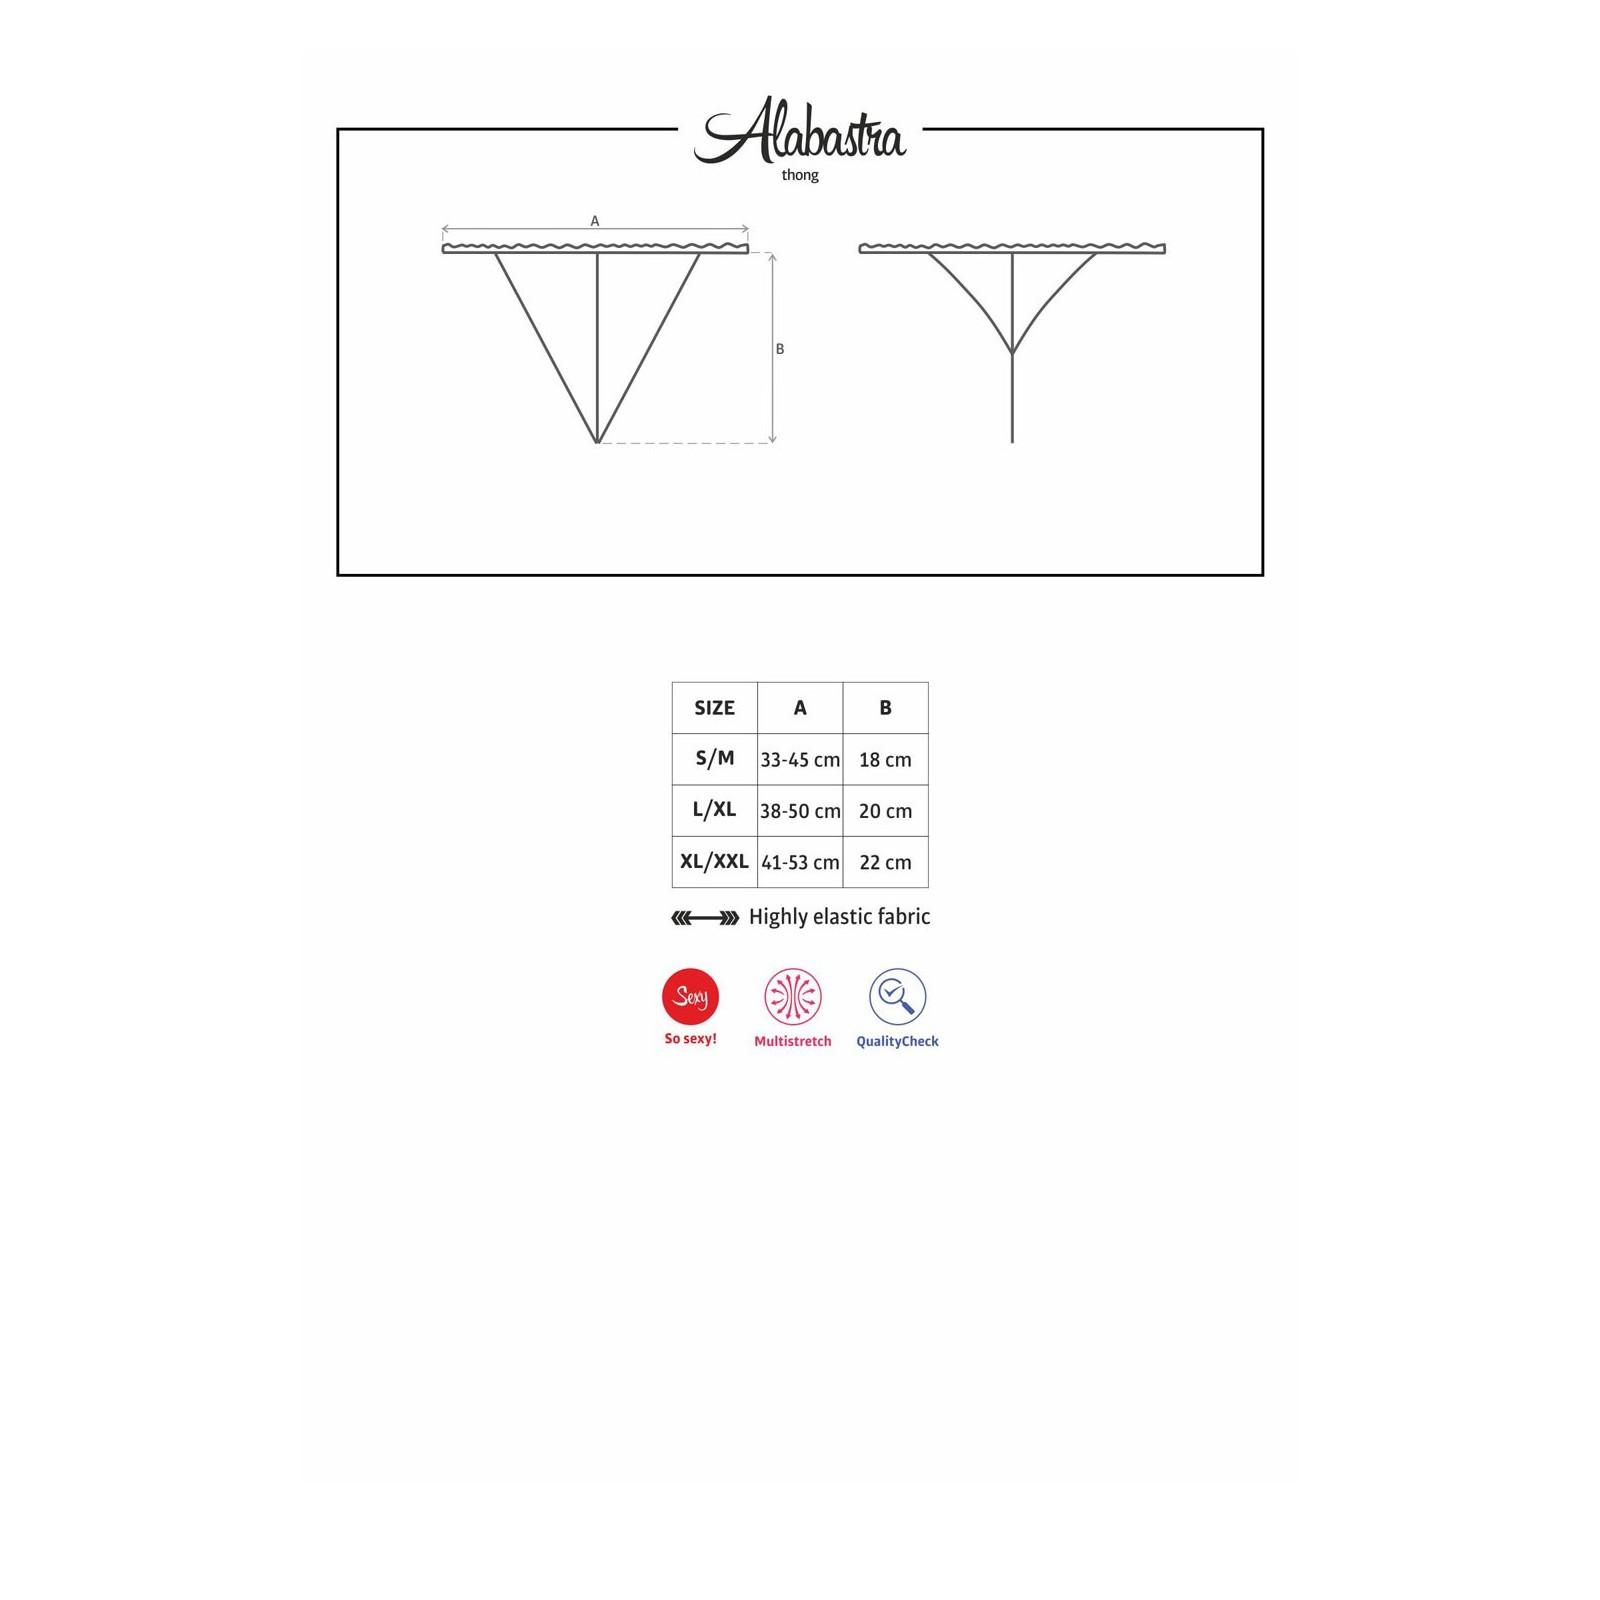 Alabastra Thong - 7 - Vorschaubild